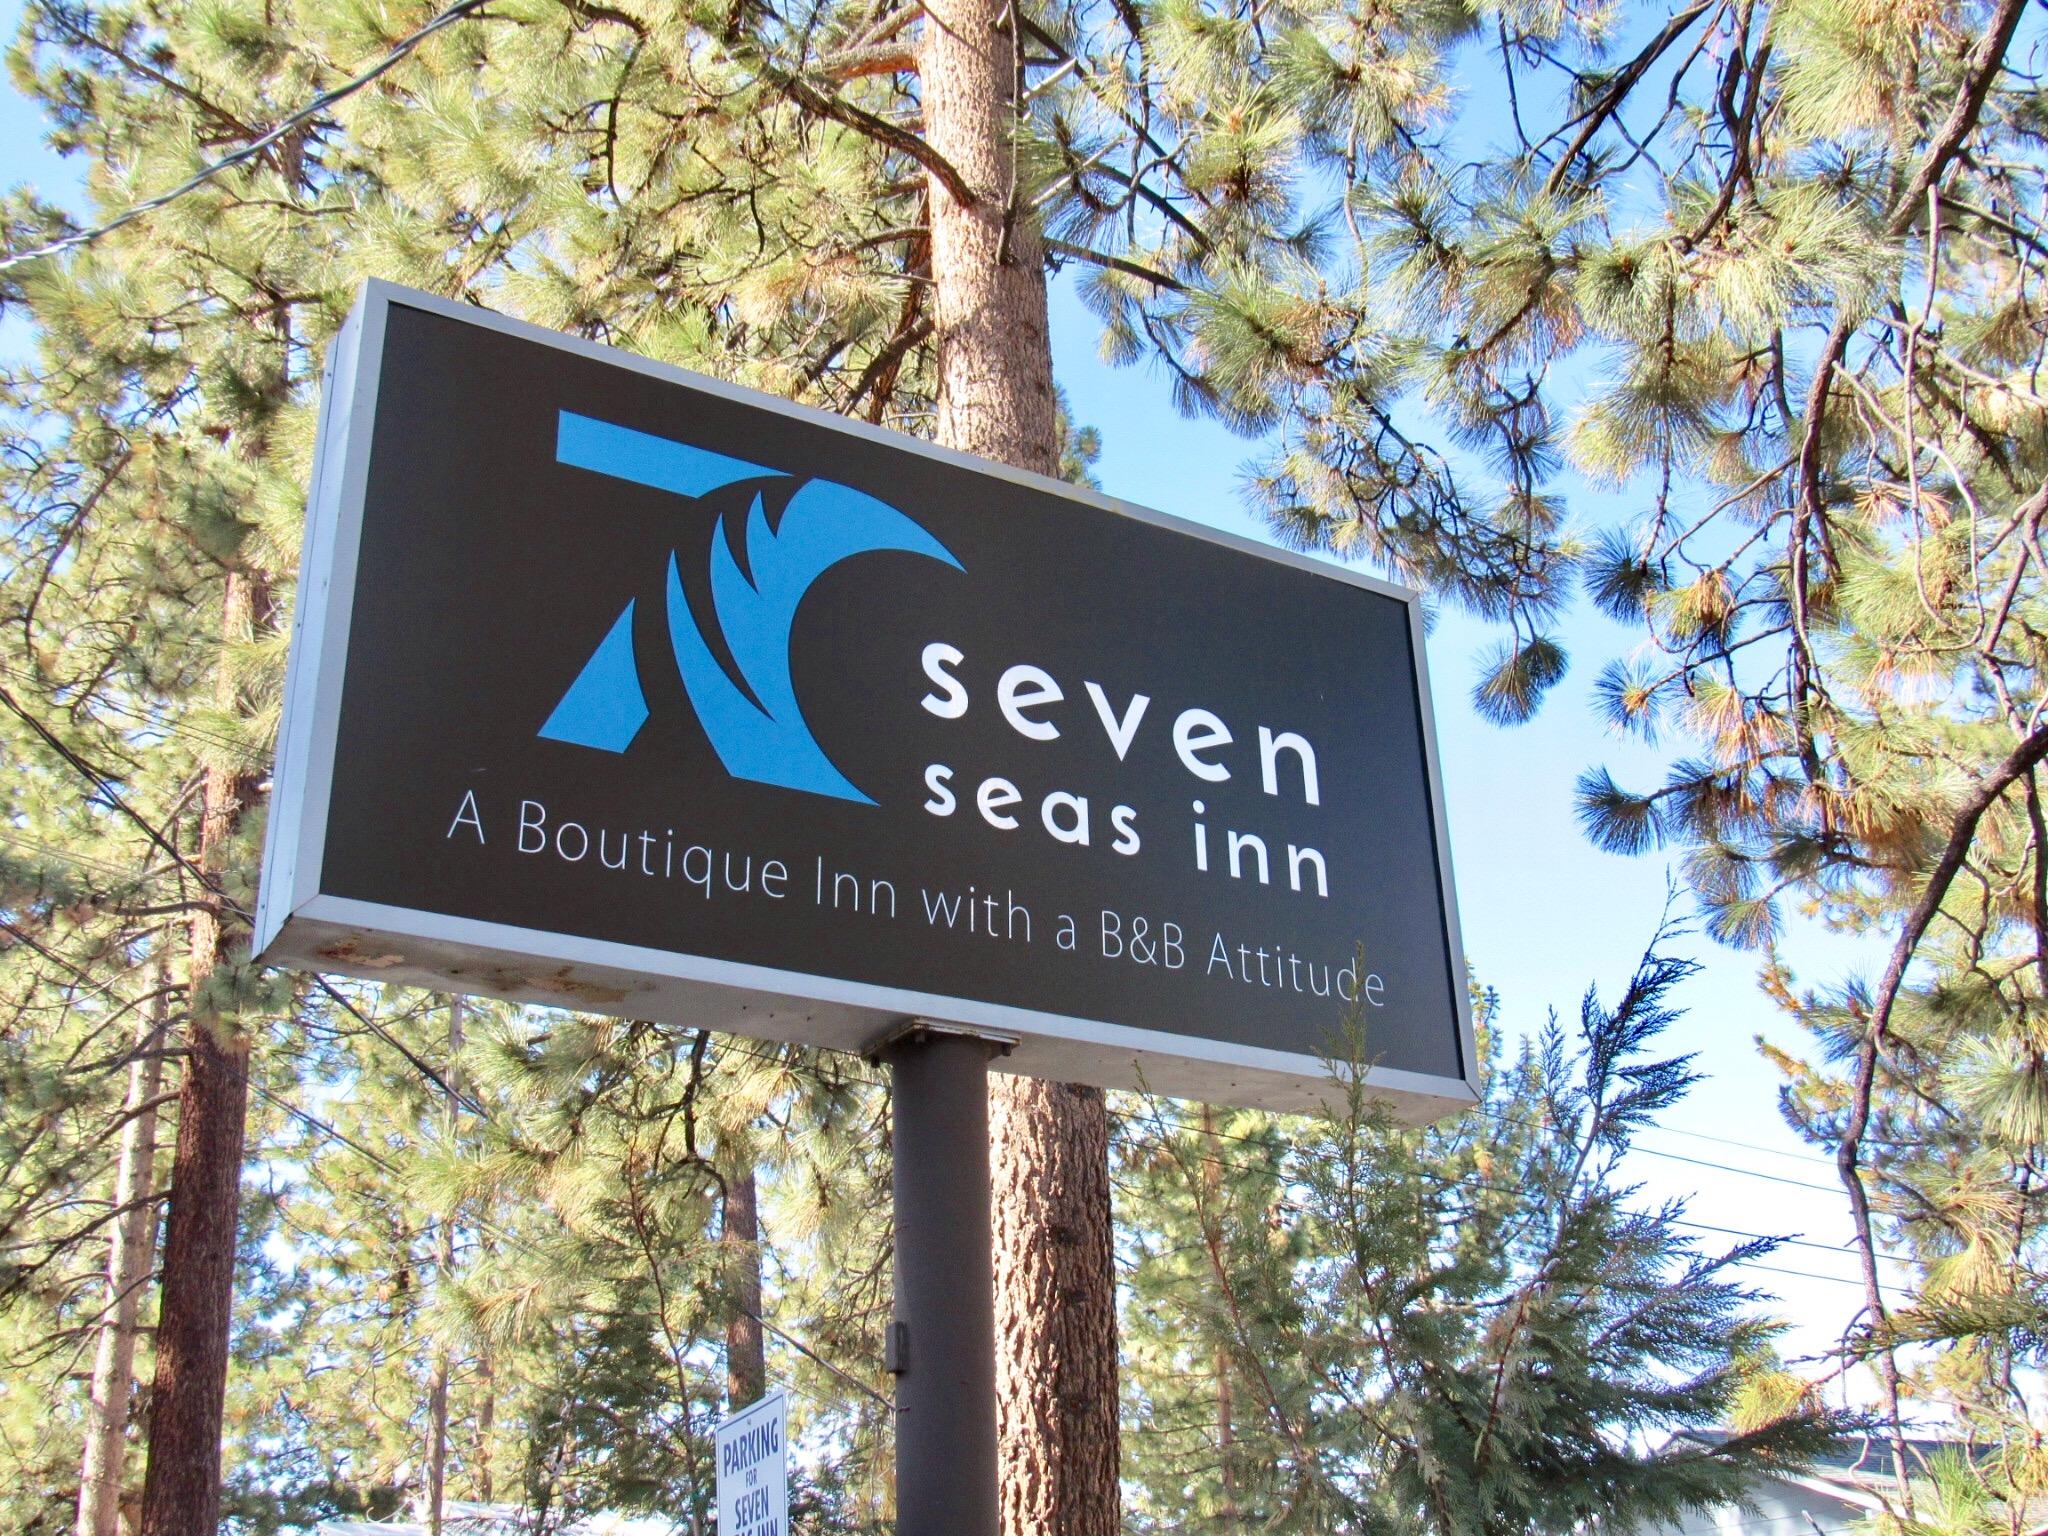 The 7 Seas Inn in South Lake Tahoe